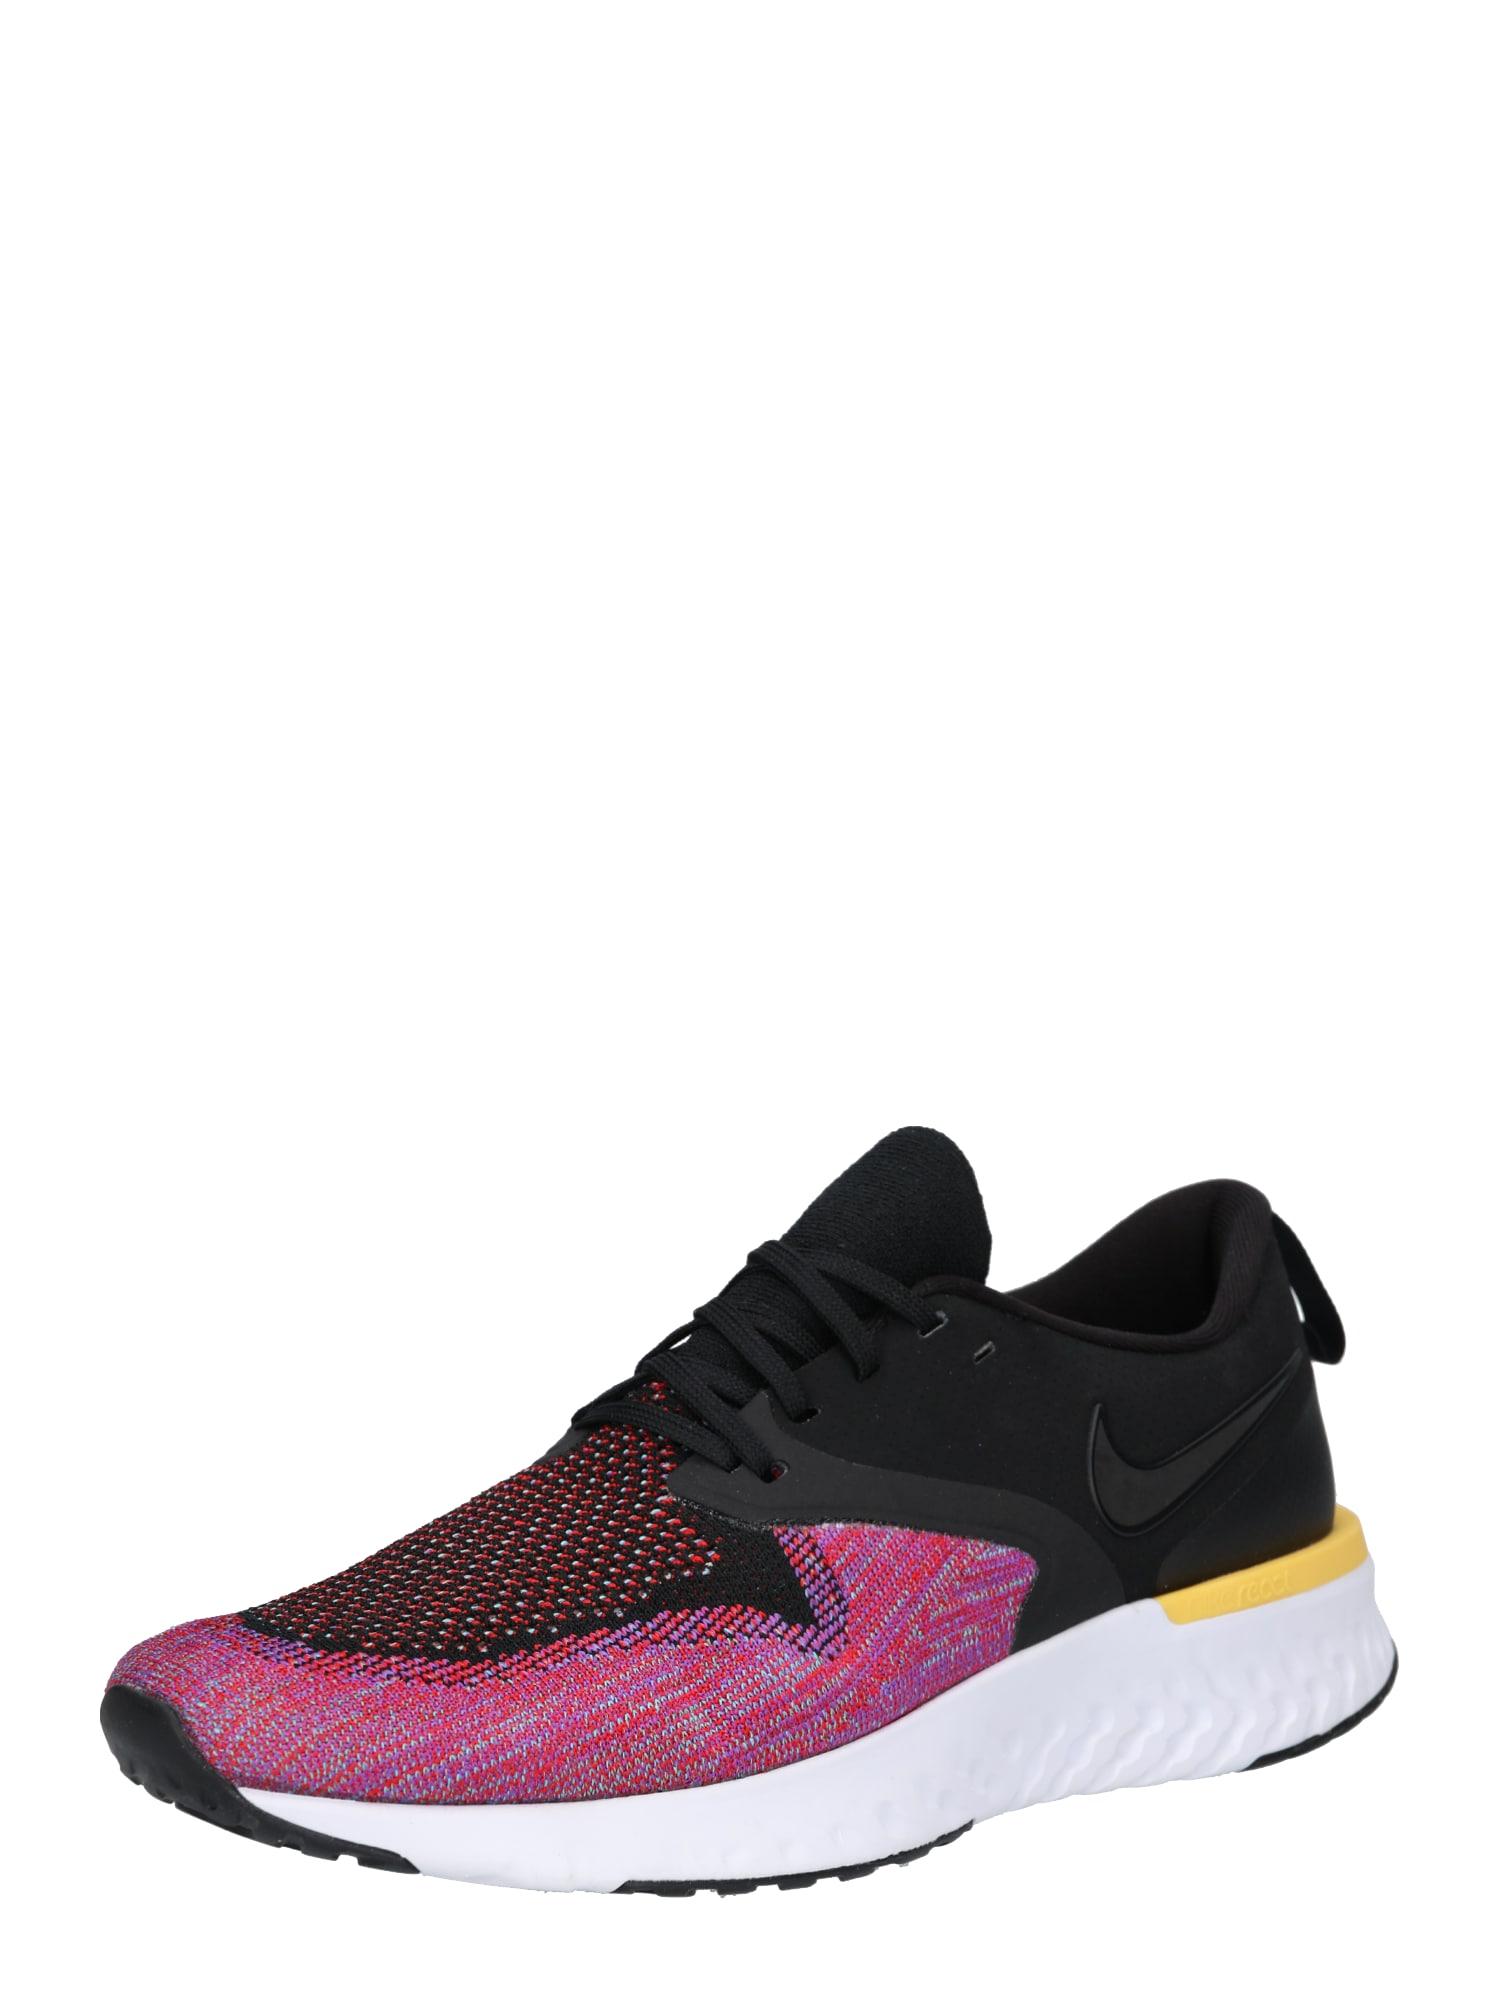 Běžecká obuv Nike Odyssey React Flyknit 2 pink černá NIKE